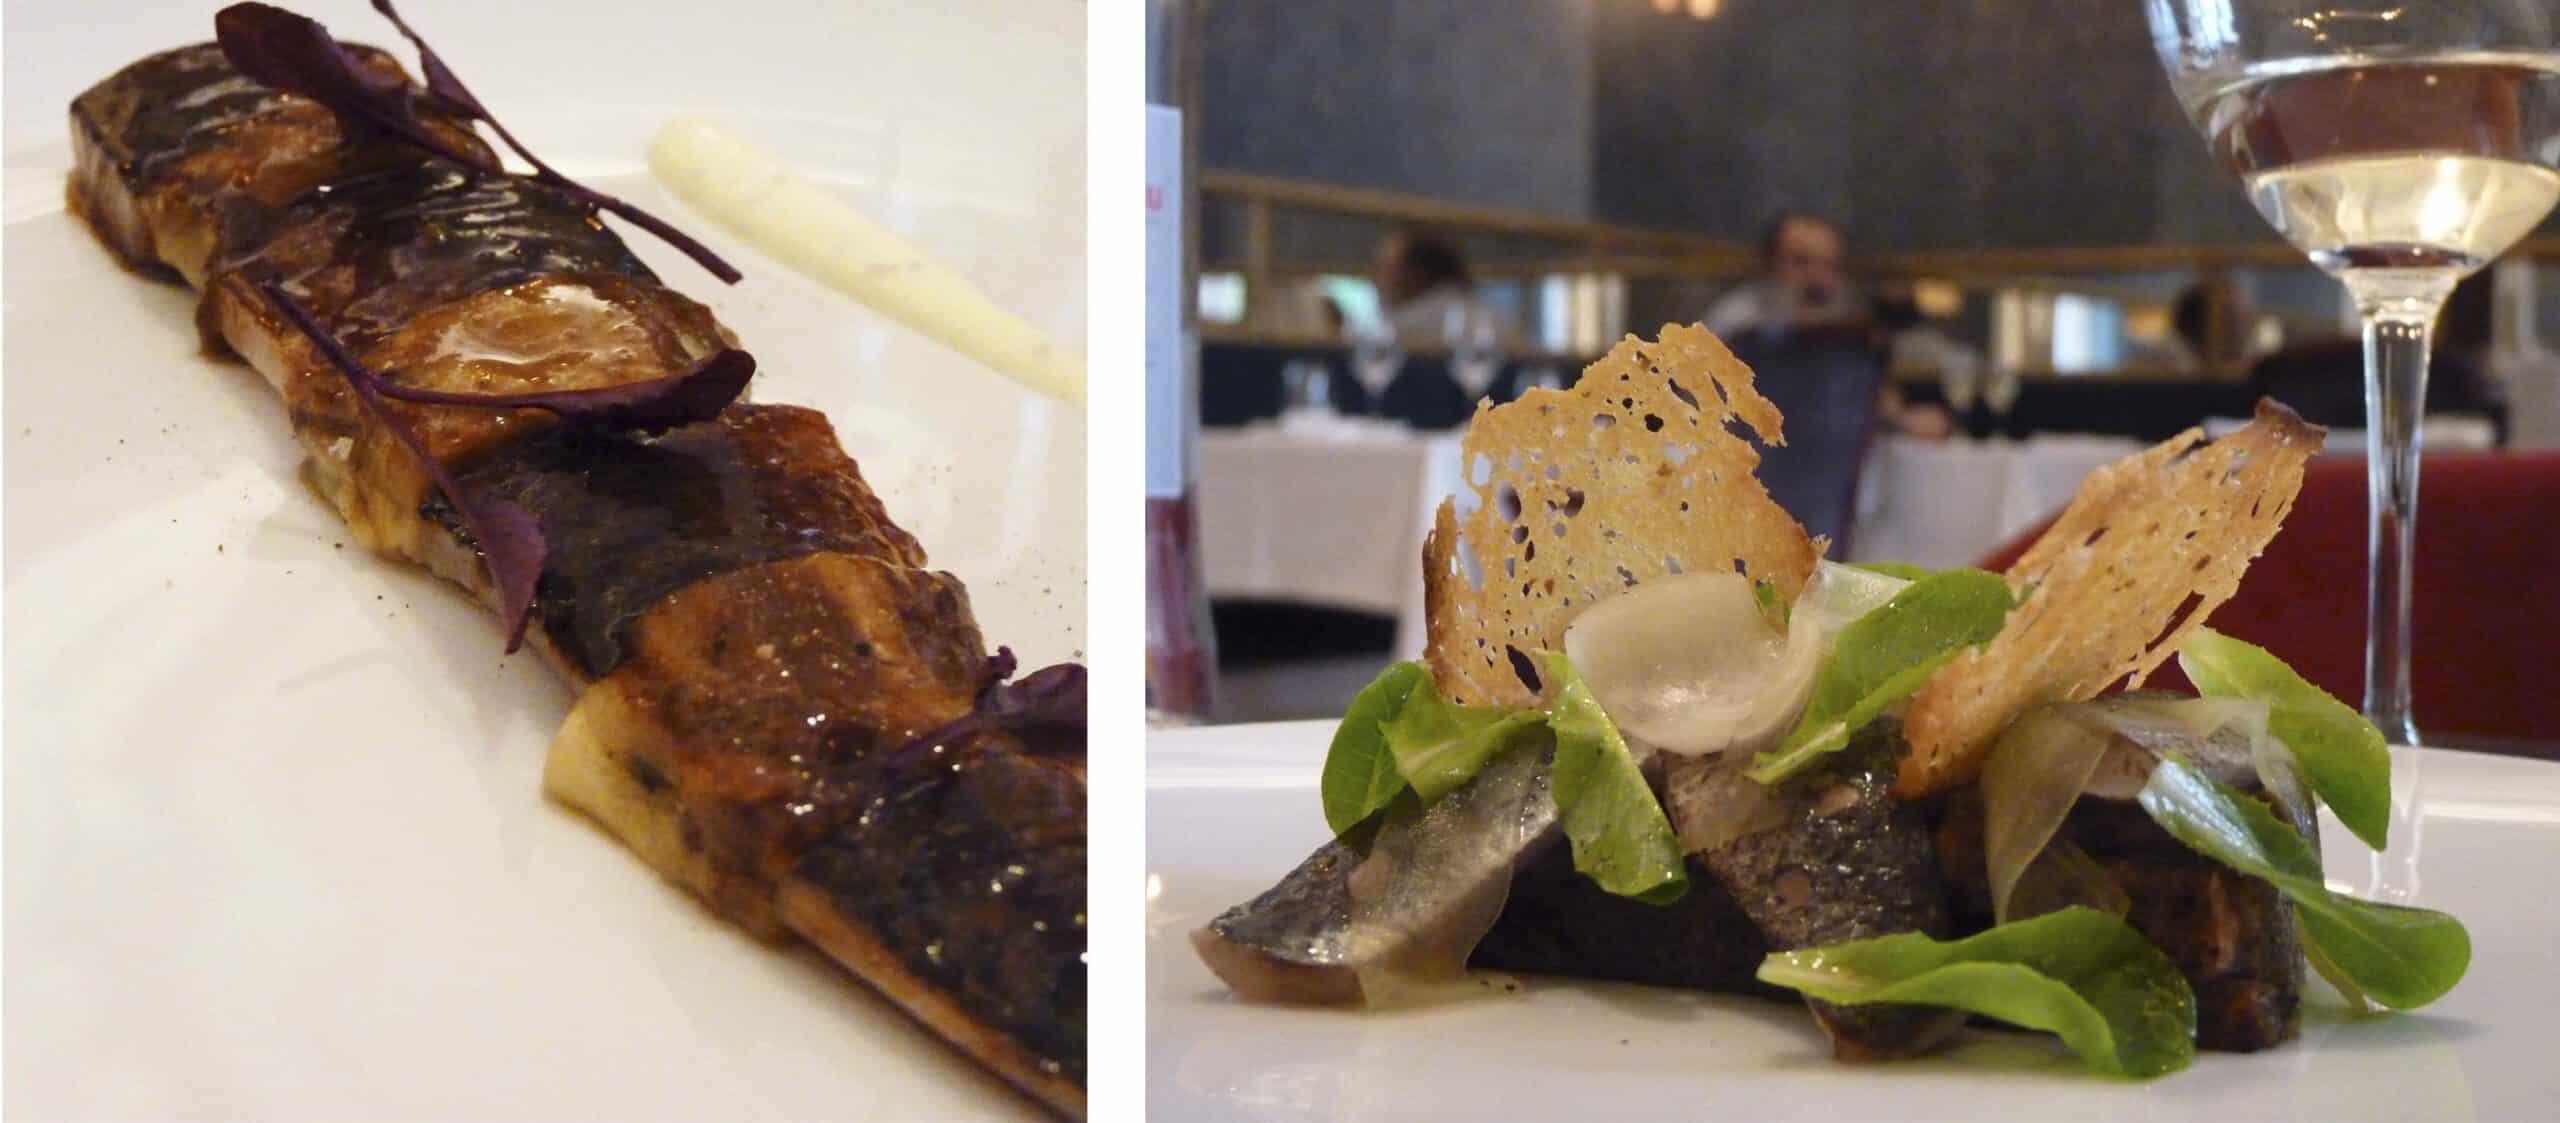 Caballa con berenjena y crême fraîche y Torrija de escalivada, sardinas y sofrito